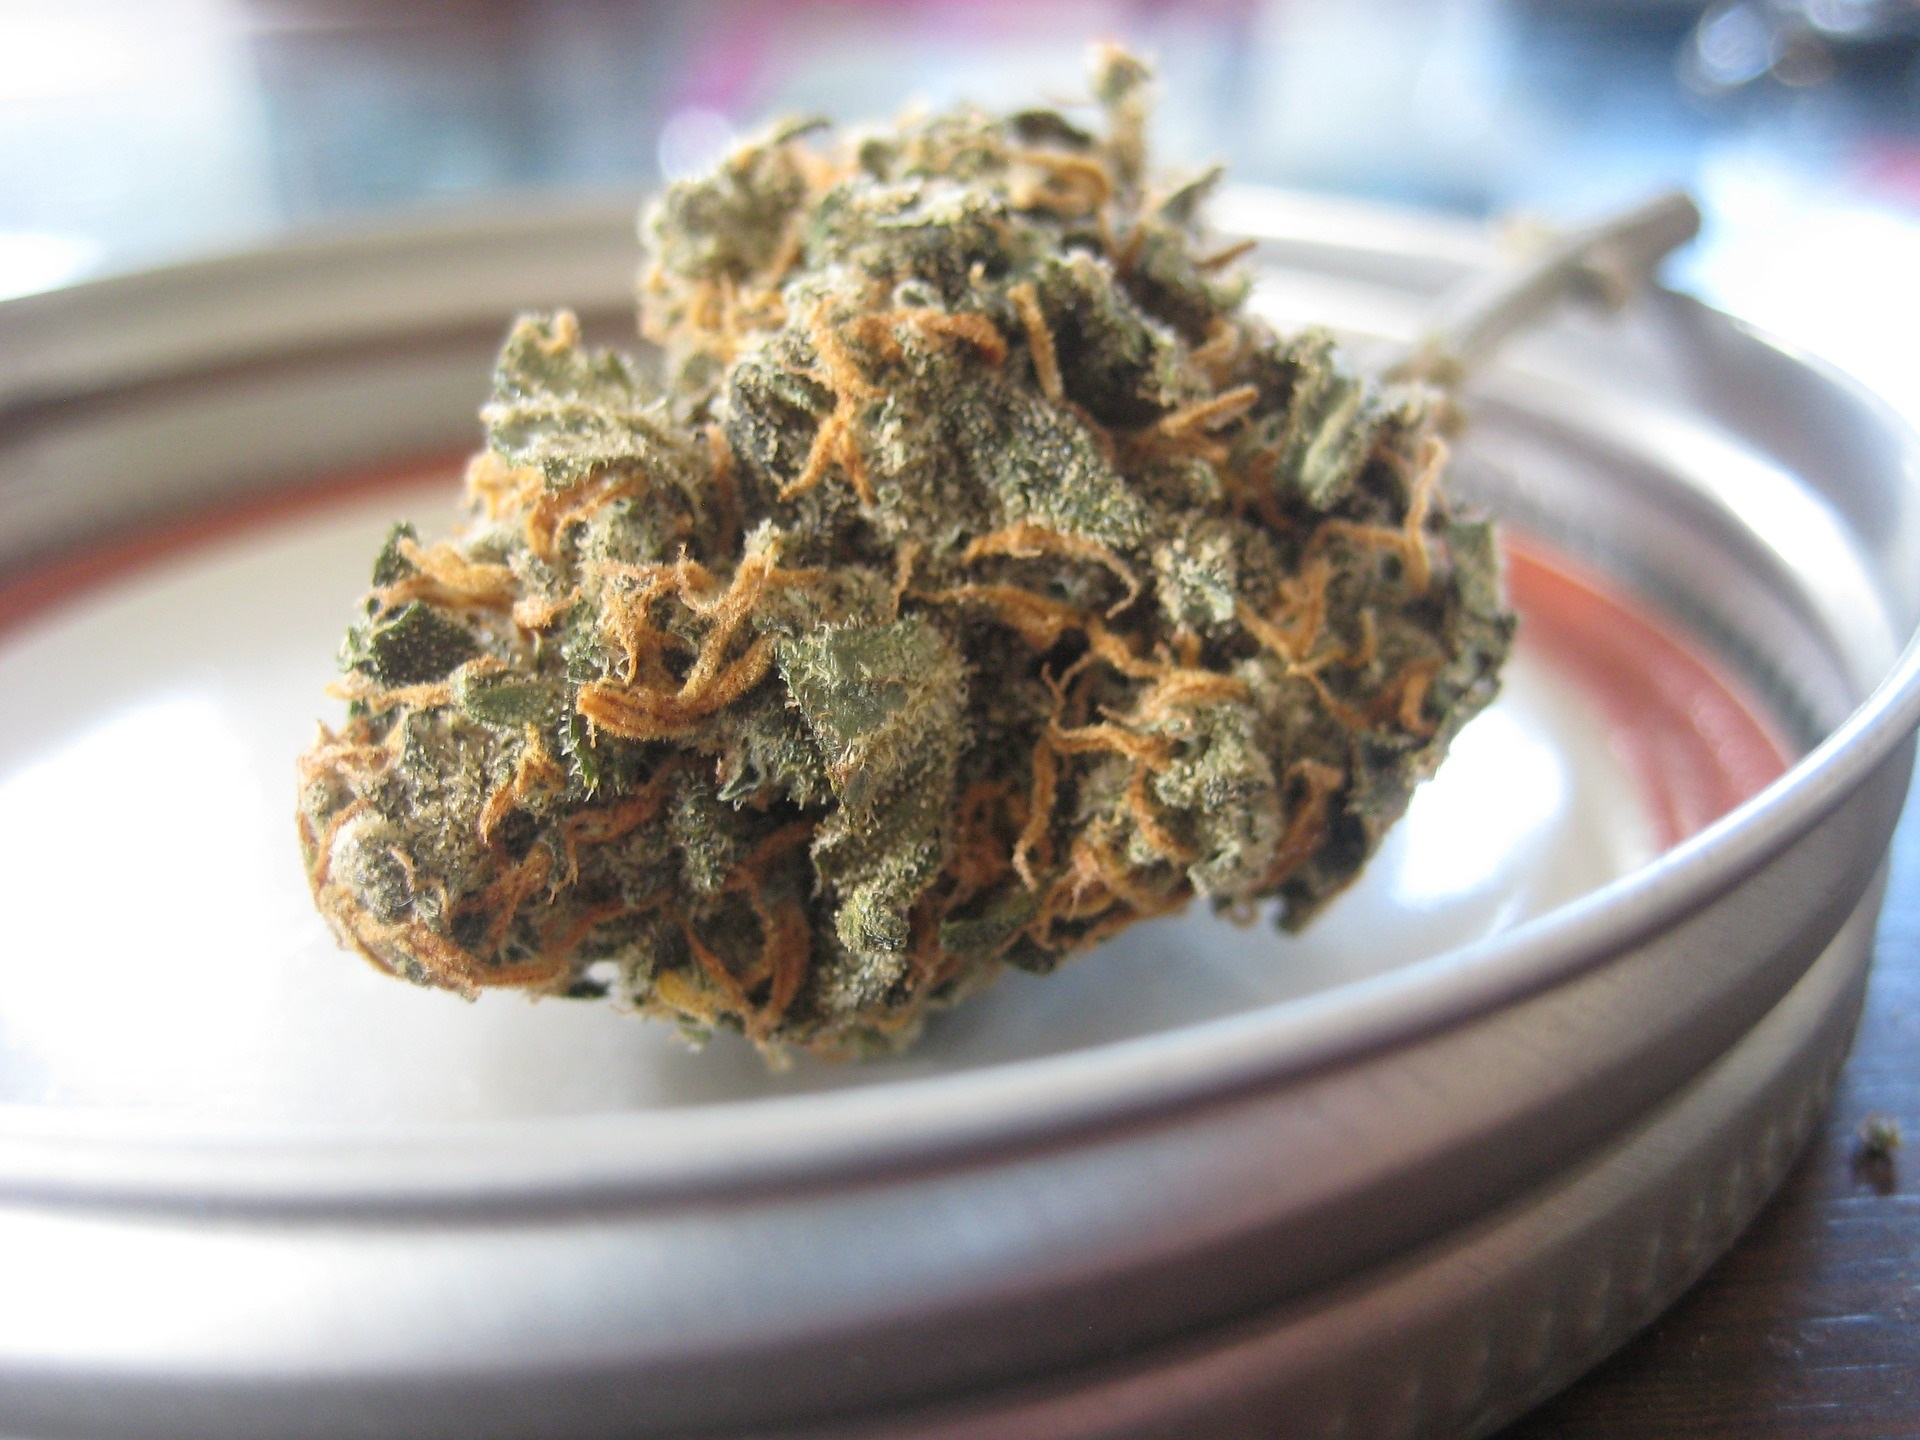 jak-spravne-skladovat-marihuanu